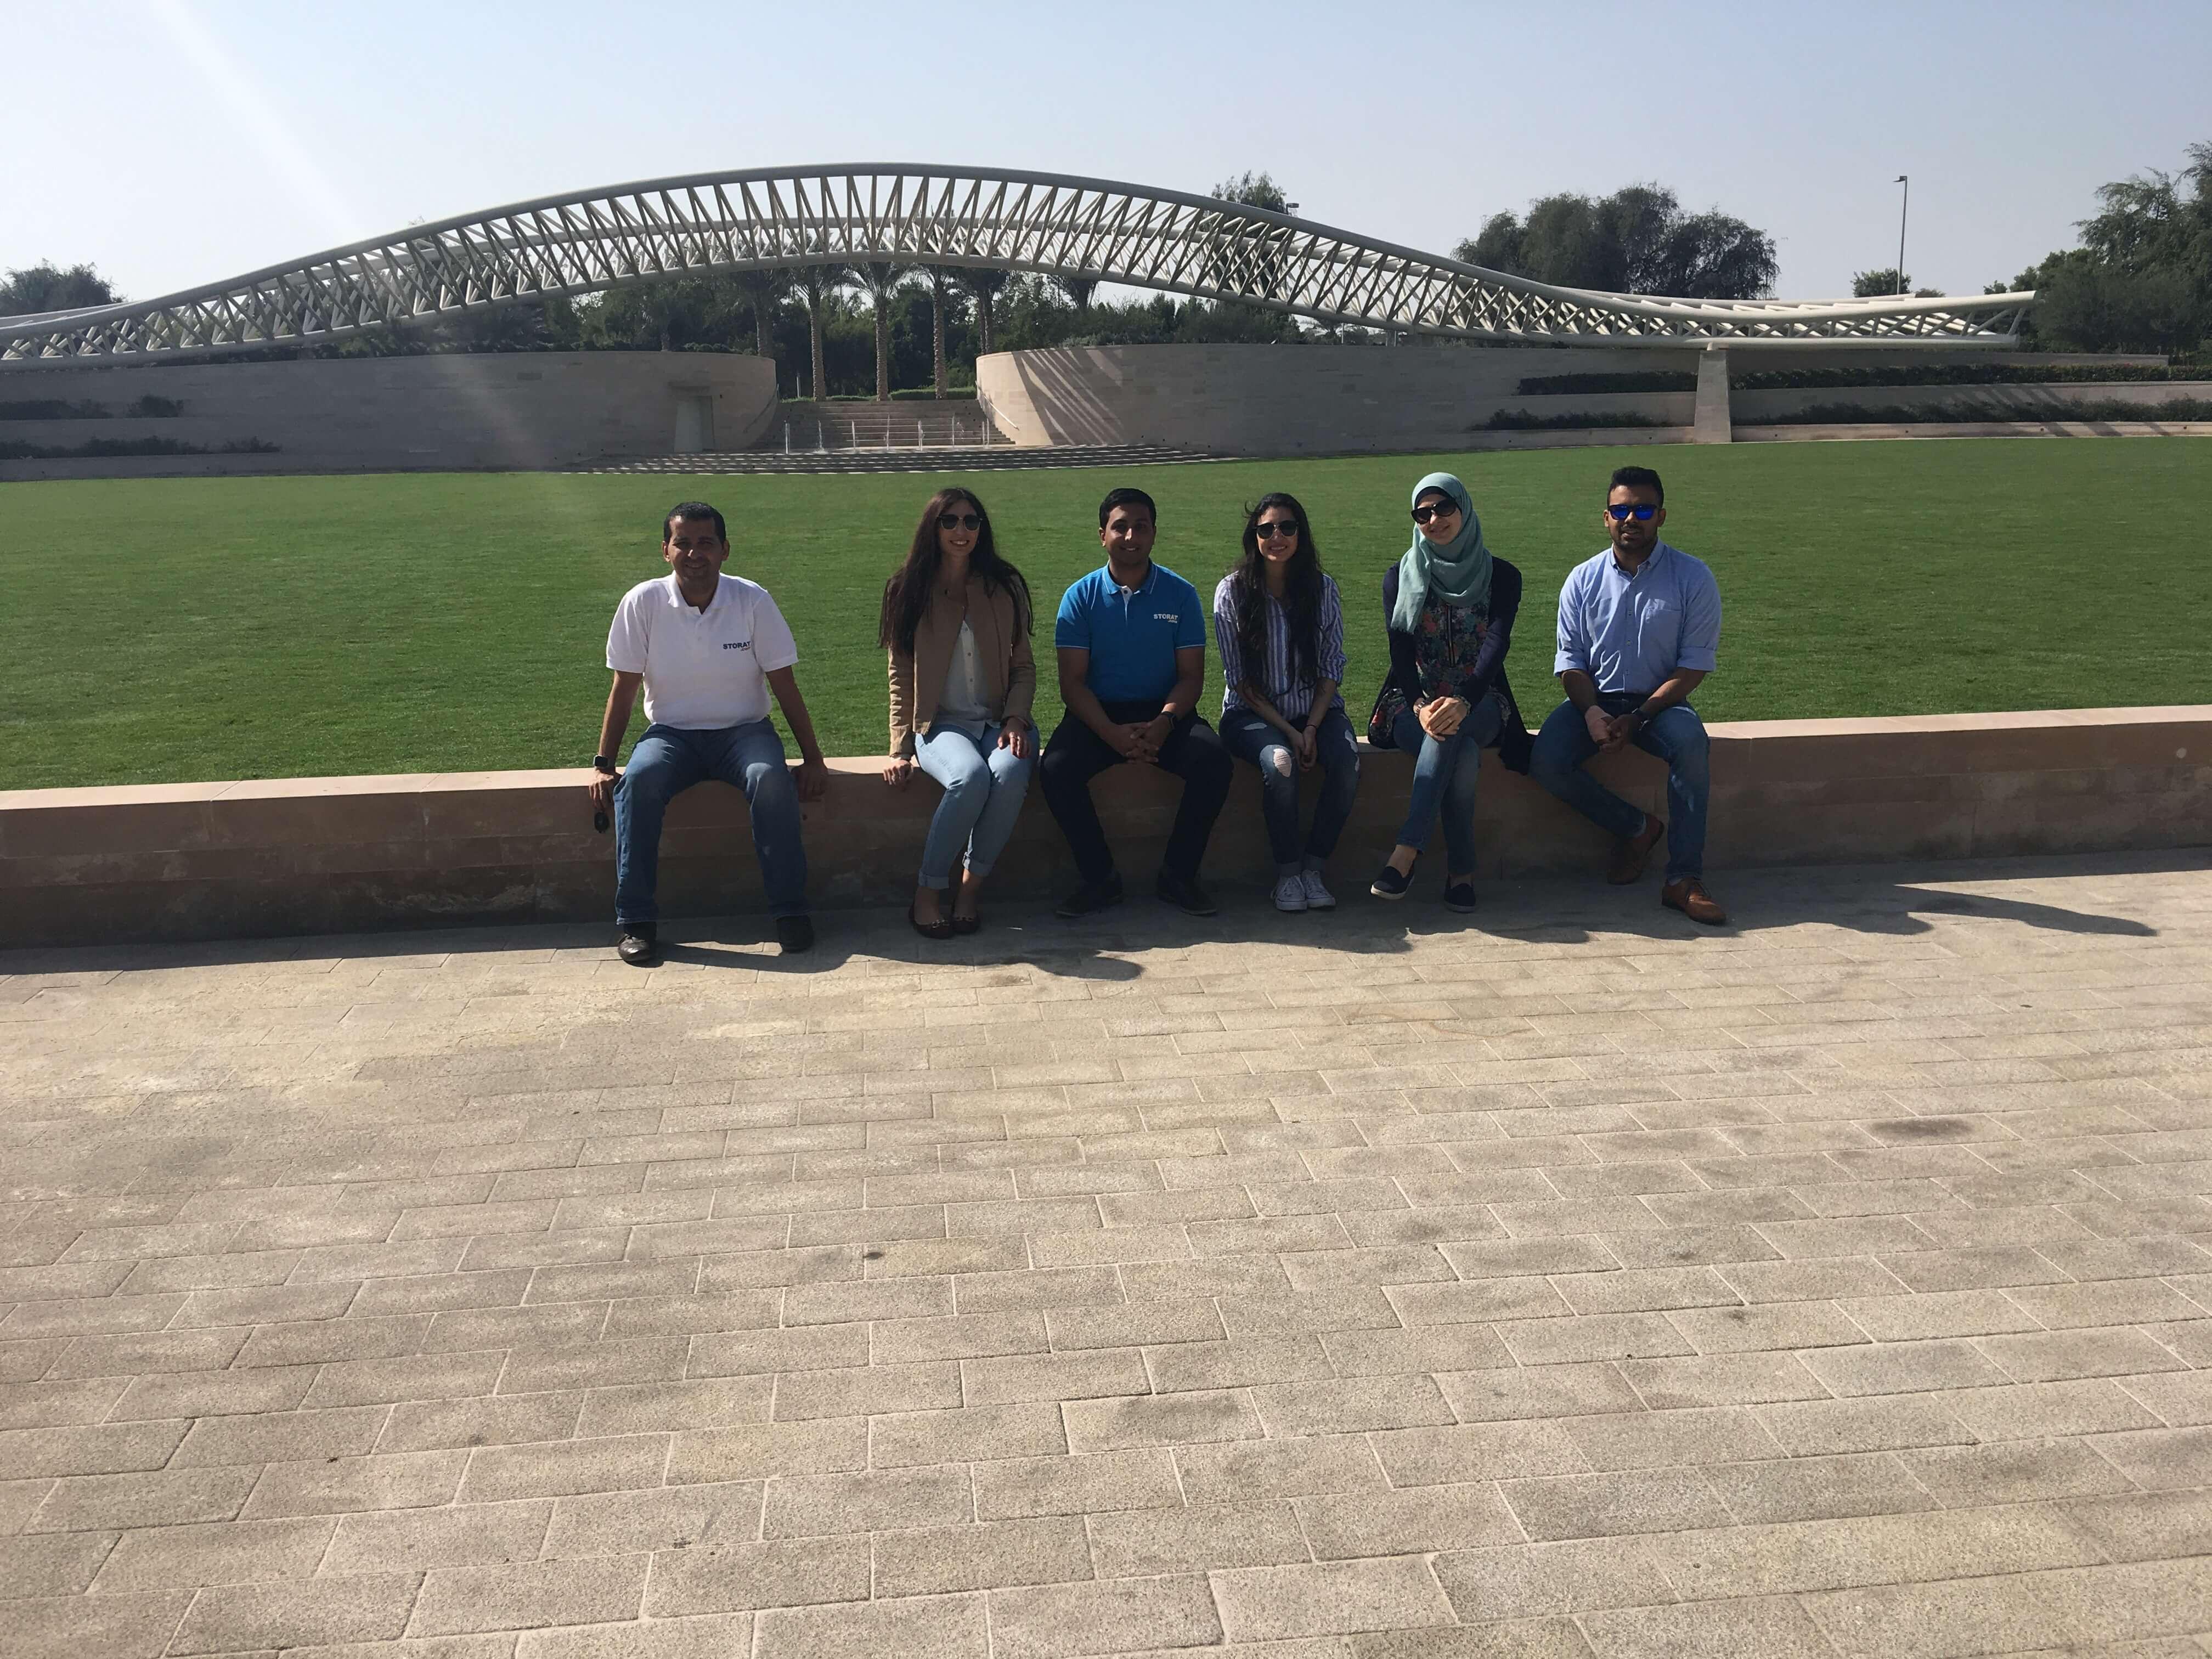 Storat Abu Dhabi team